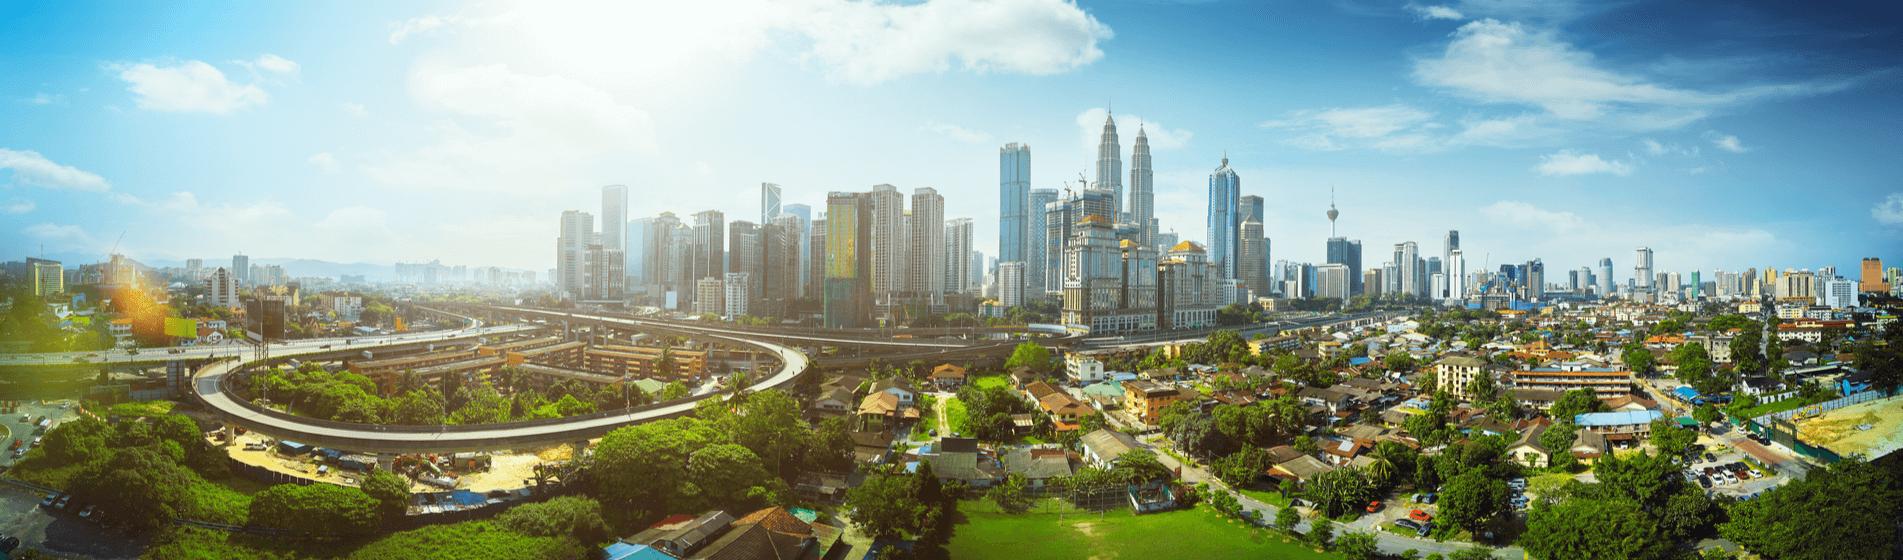 Kuala Lumpur, Malaysia MM2H Visa